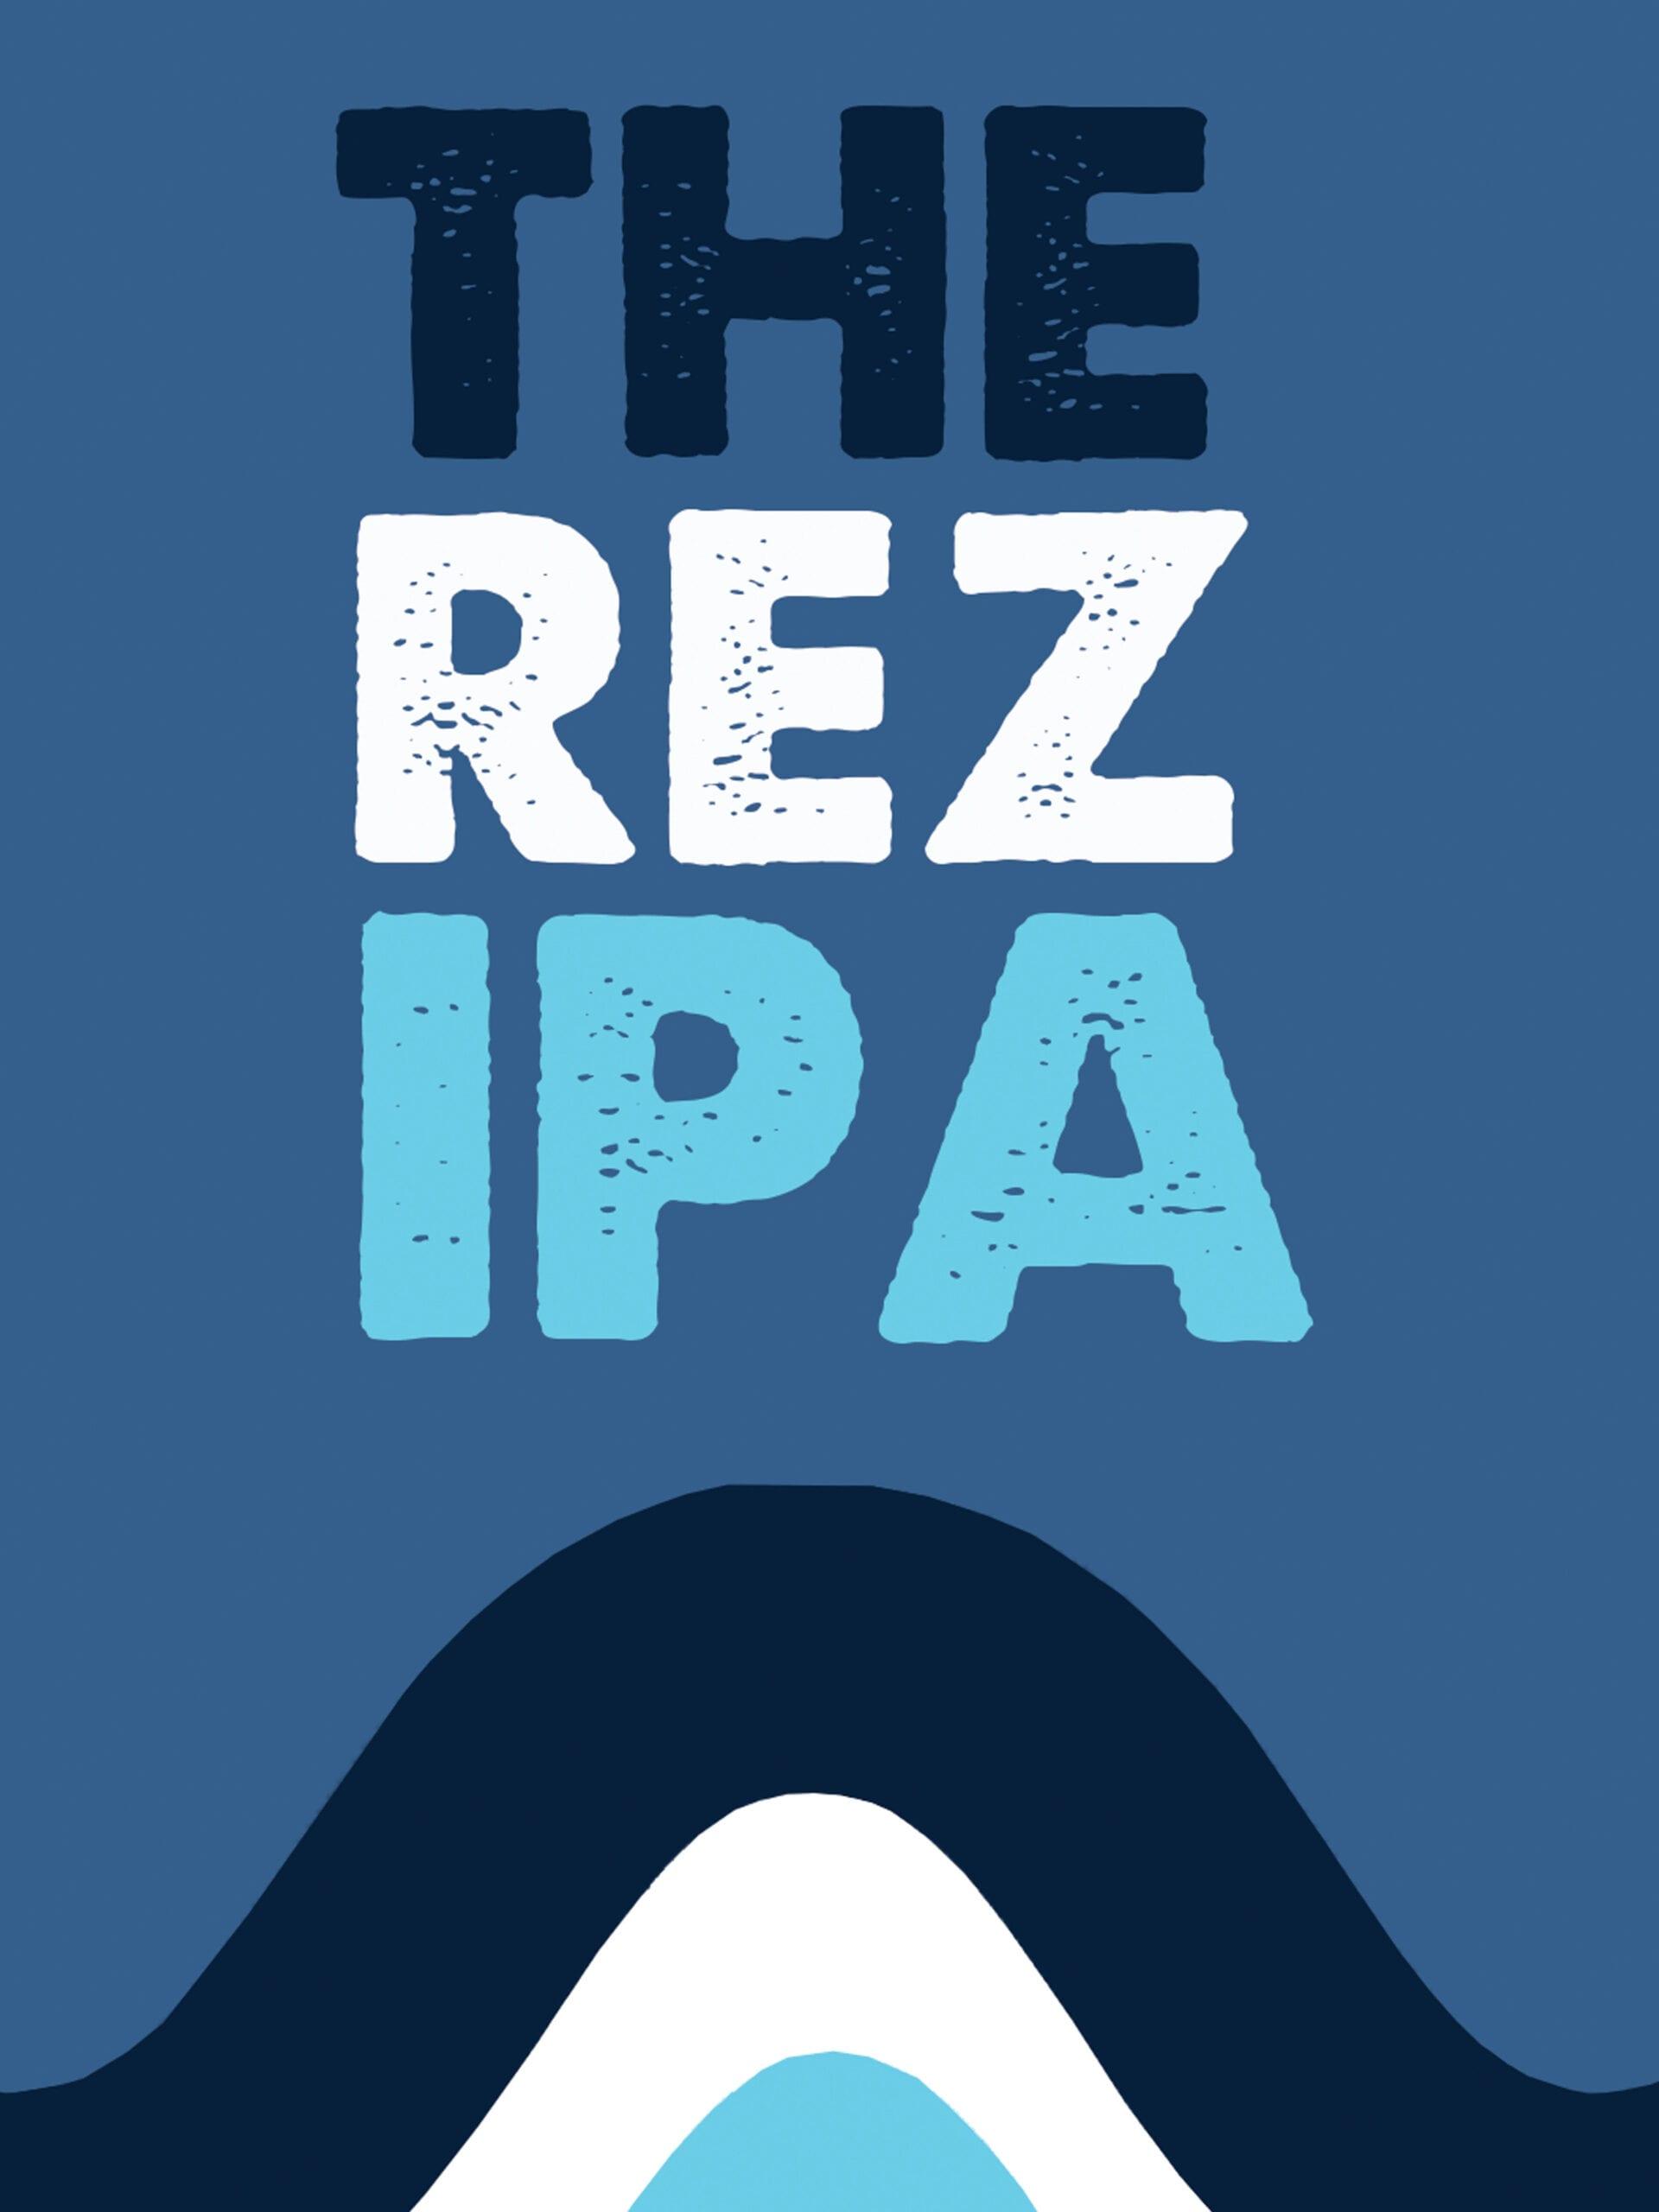 The Rez IPA